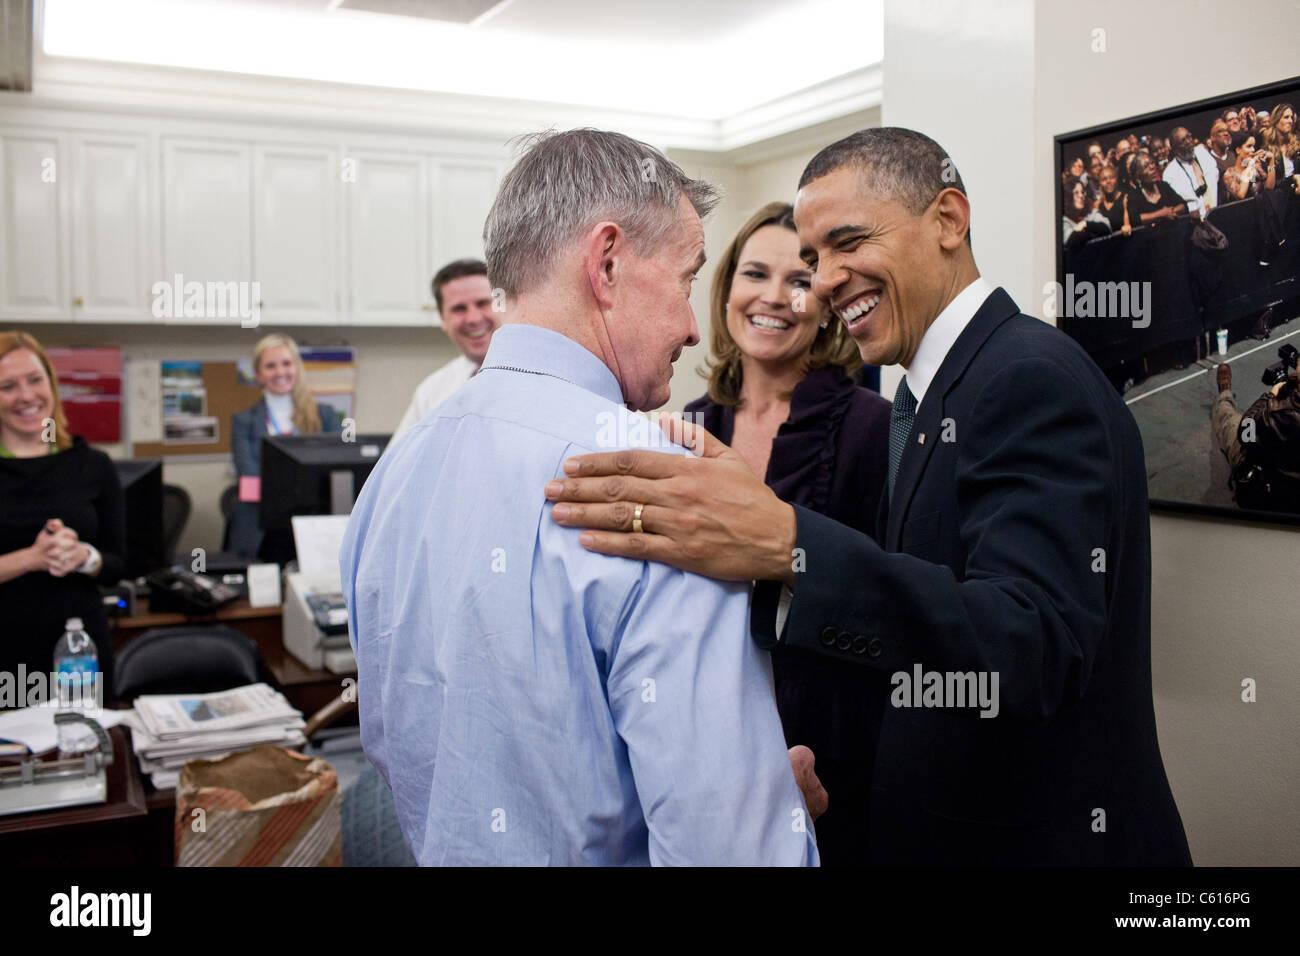 Präsident Obama spricht mit White House Correspondents Bill Plante CBS News und Savanne Guthrie von NBC News. Stockbild